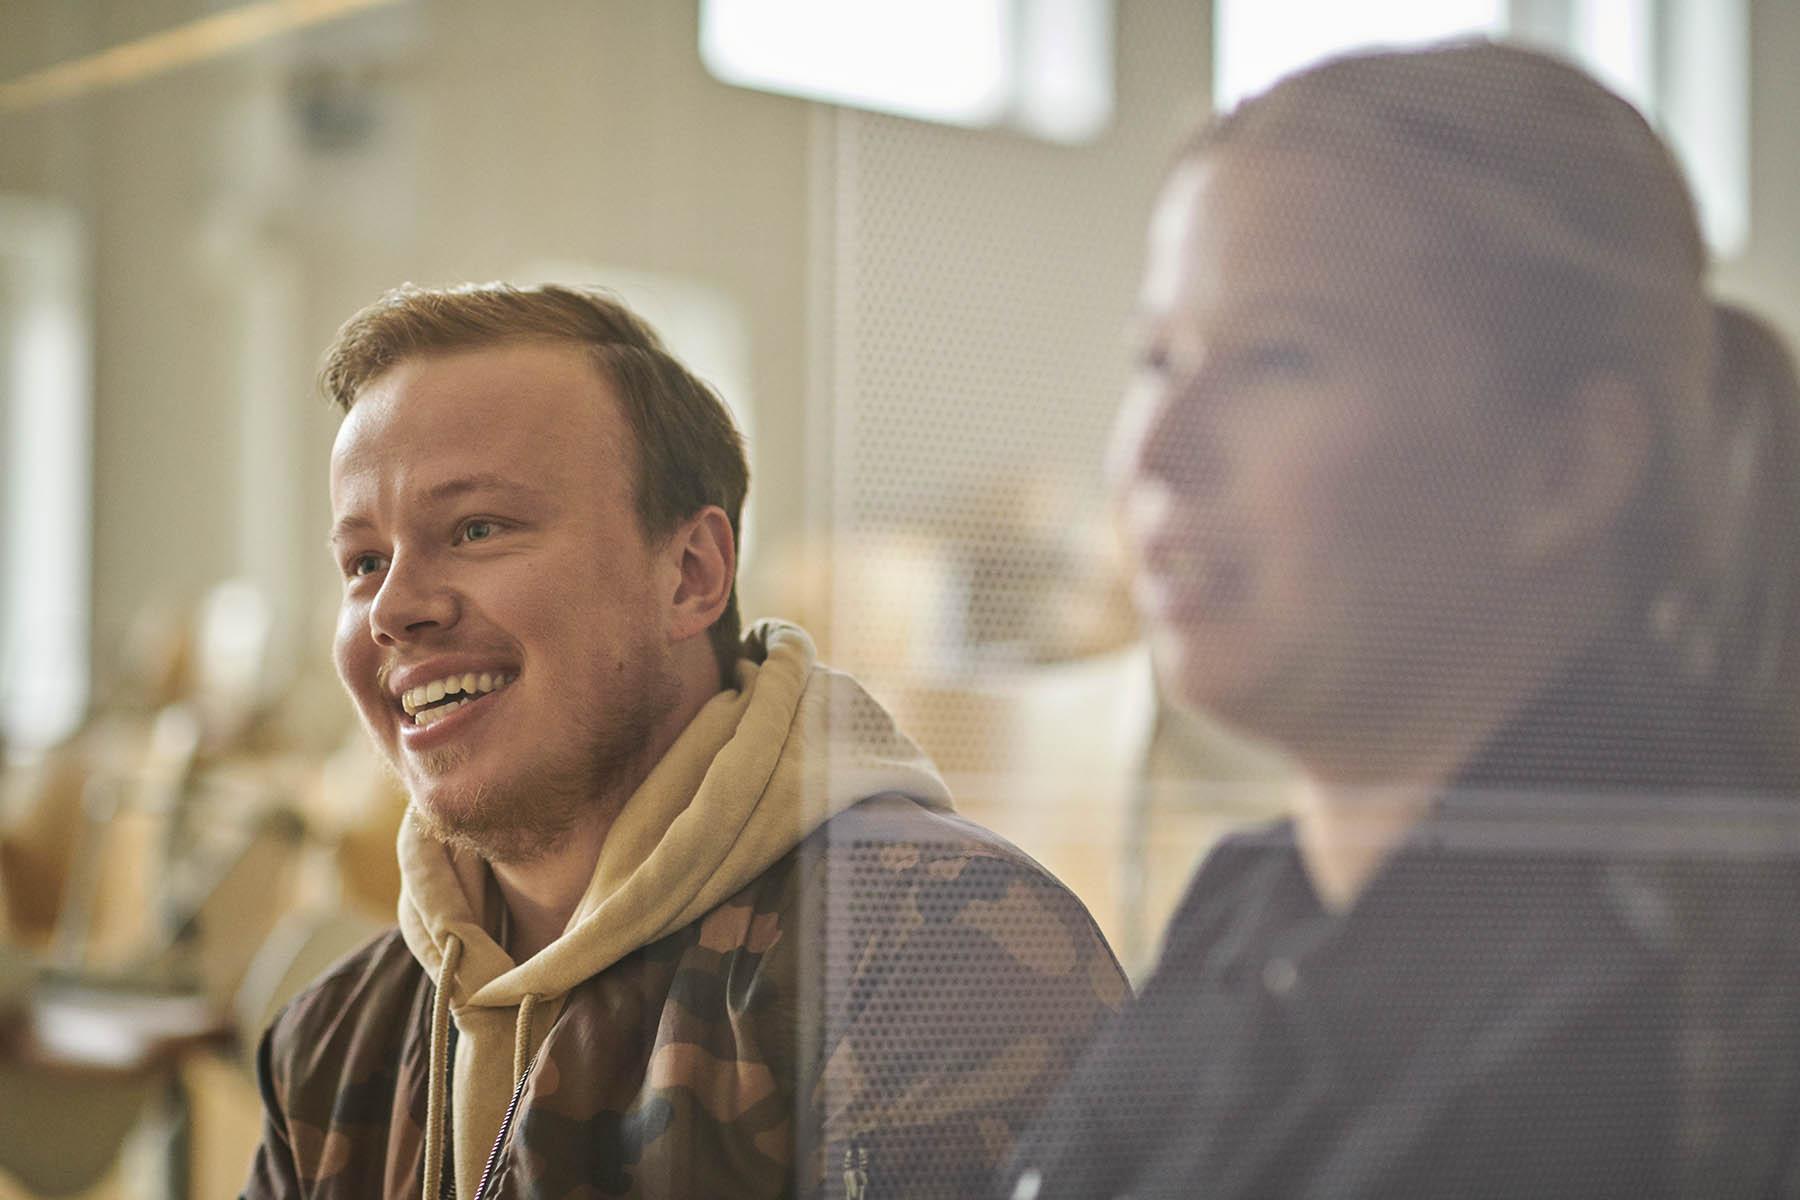 To studerende til pædagogisk assistent sidder i et klasselokale og smiler